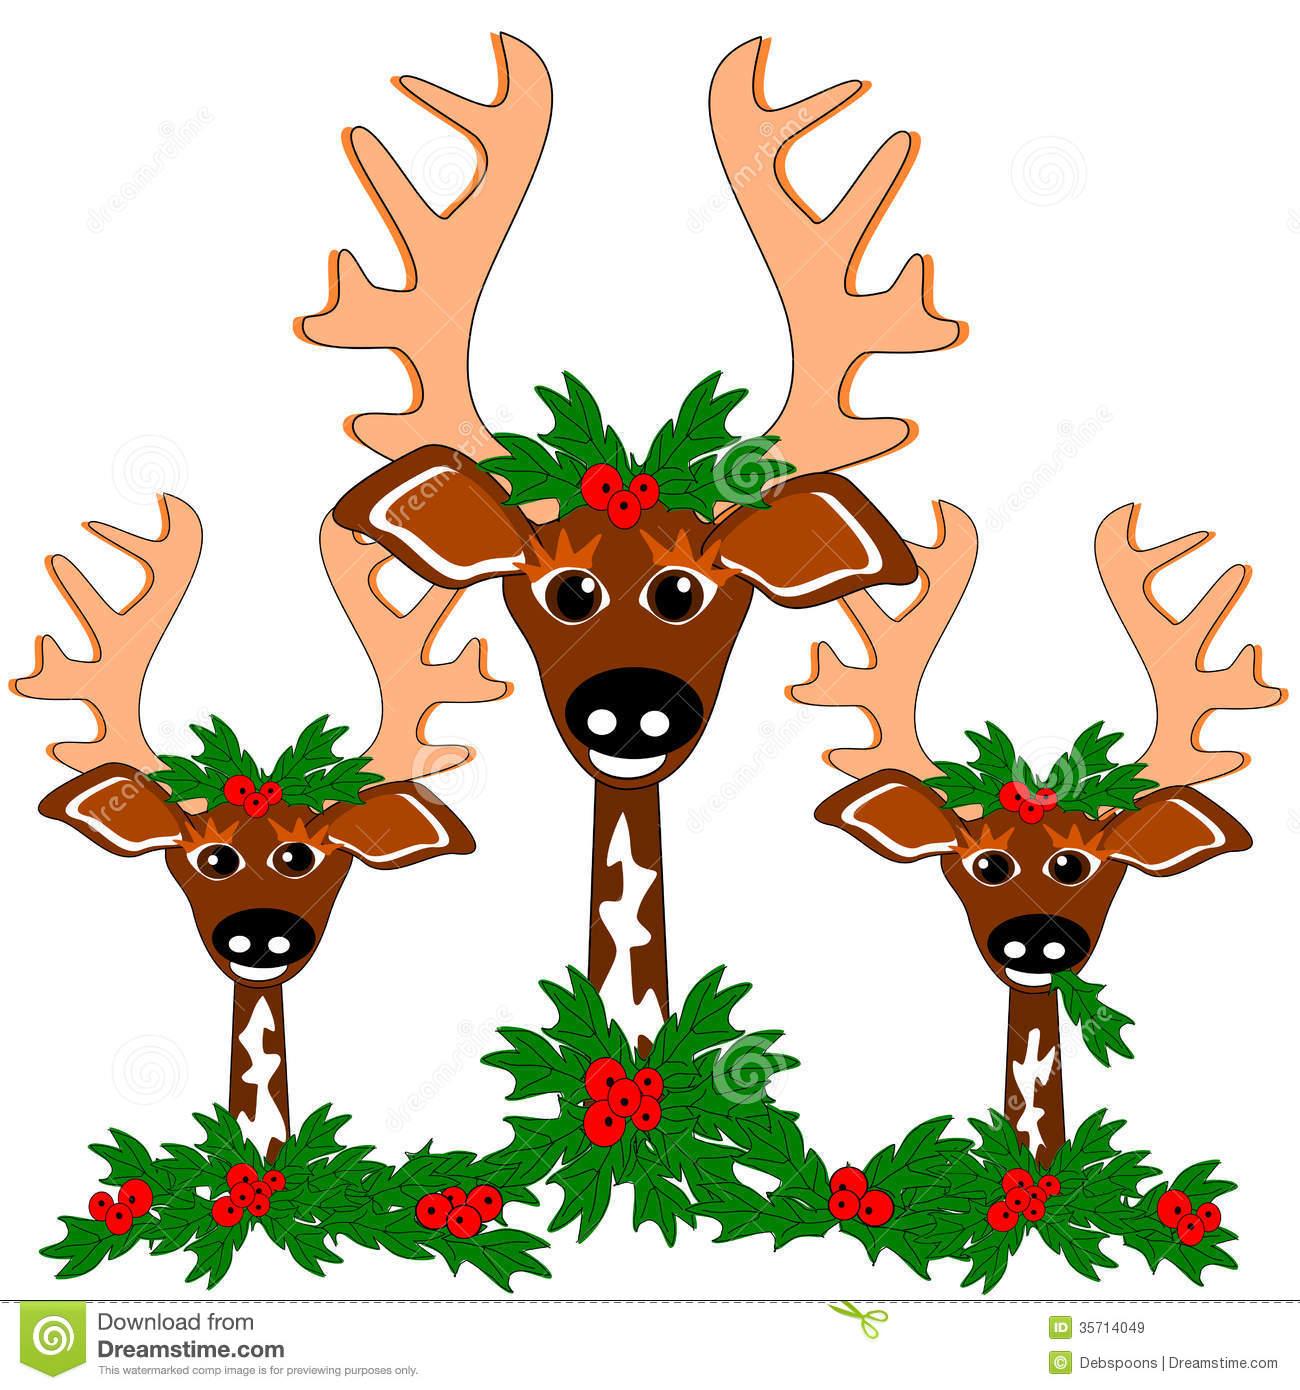 Reindeer Cheer Royalty Free Stock Images.